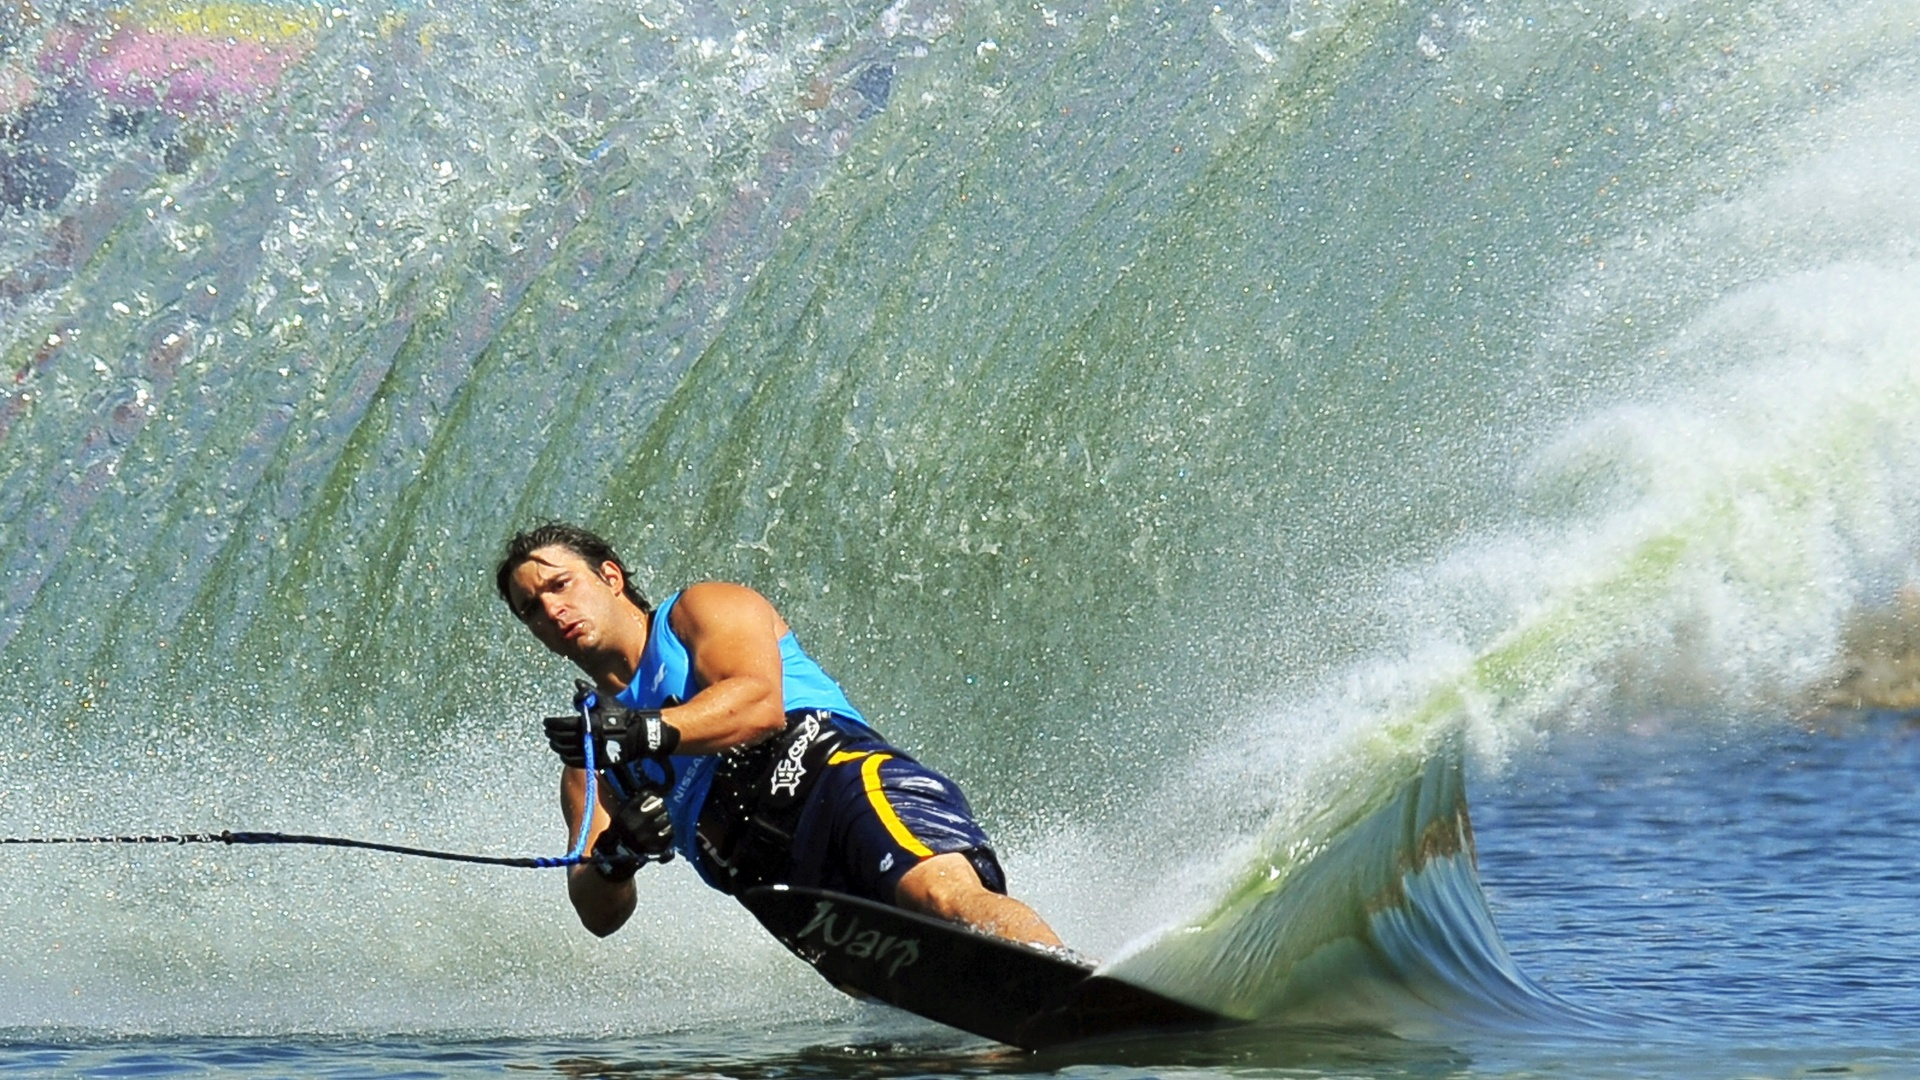 Felipe Neves acumulou 33,50 pontos na final do slalom e encerrou a competição em 6º (23/10/2011)